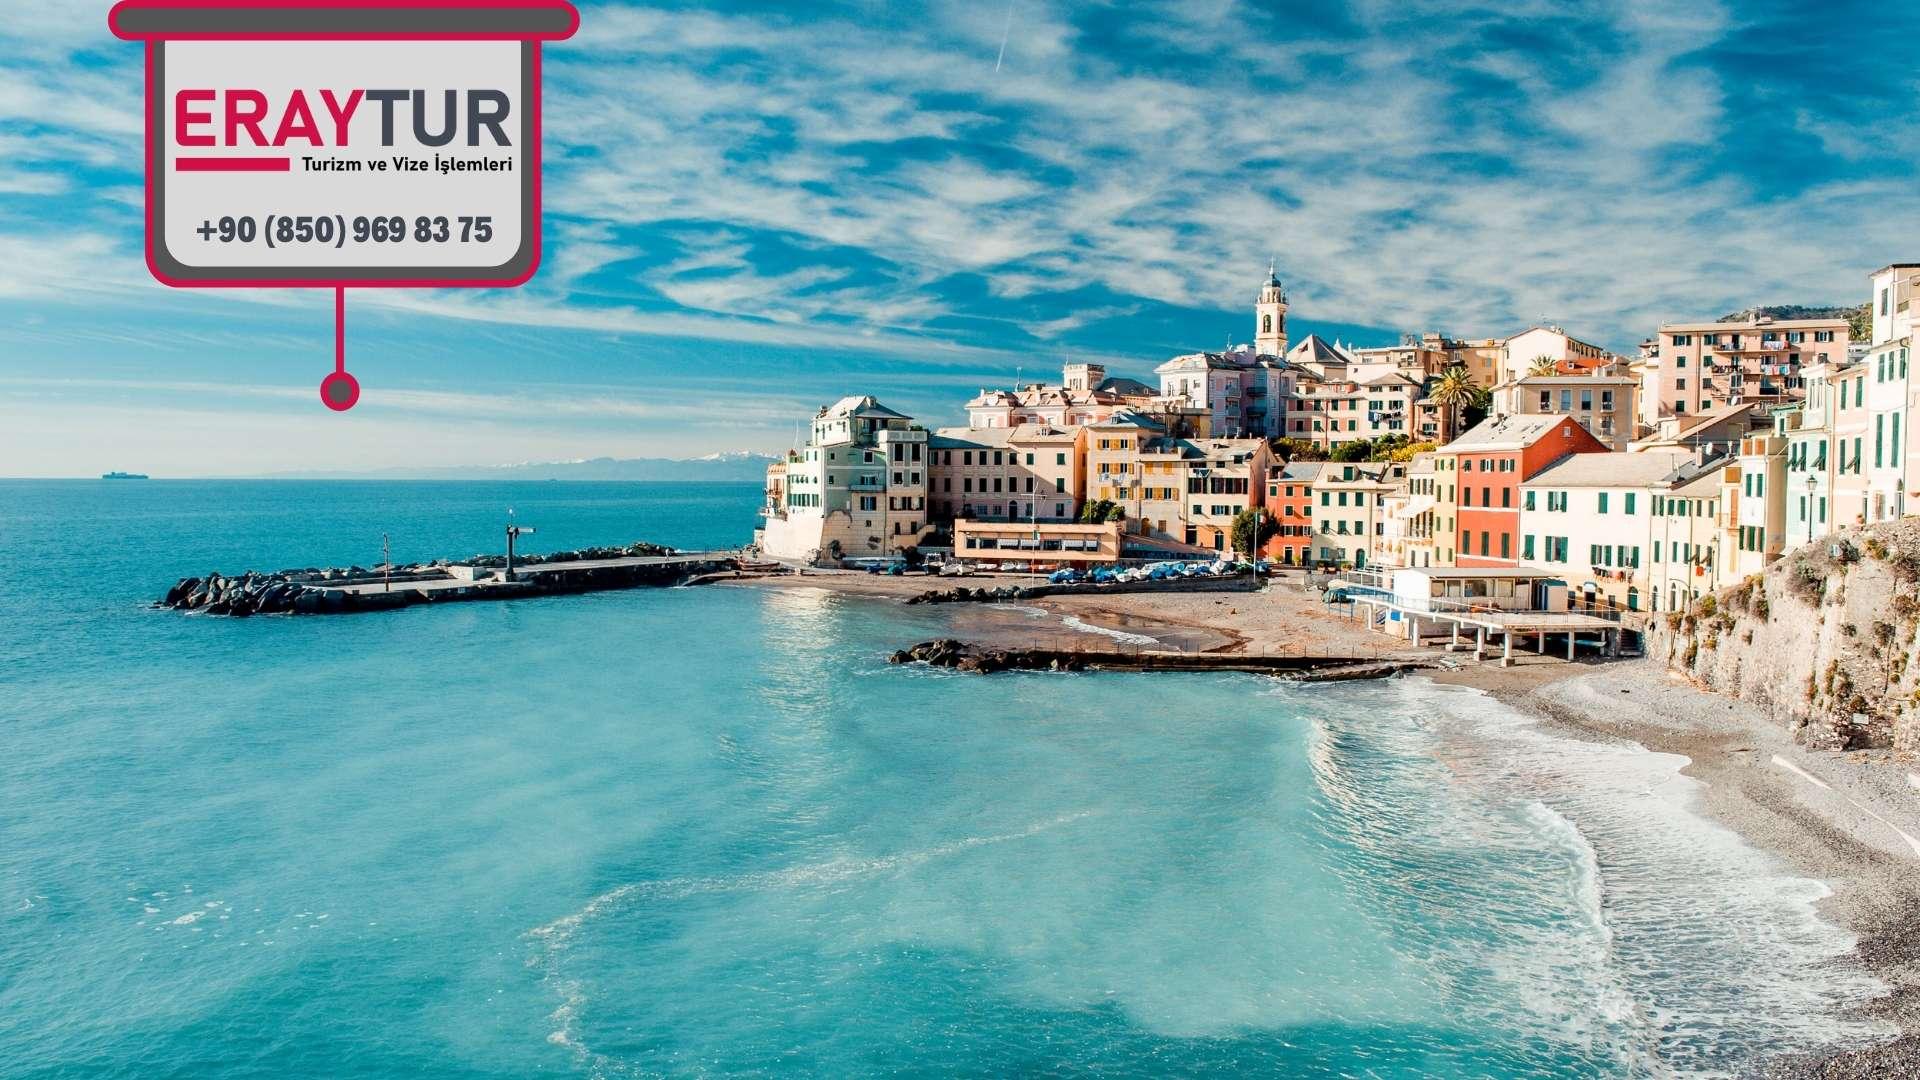 İtalya Turistik Vize Dilekçe Örneği